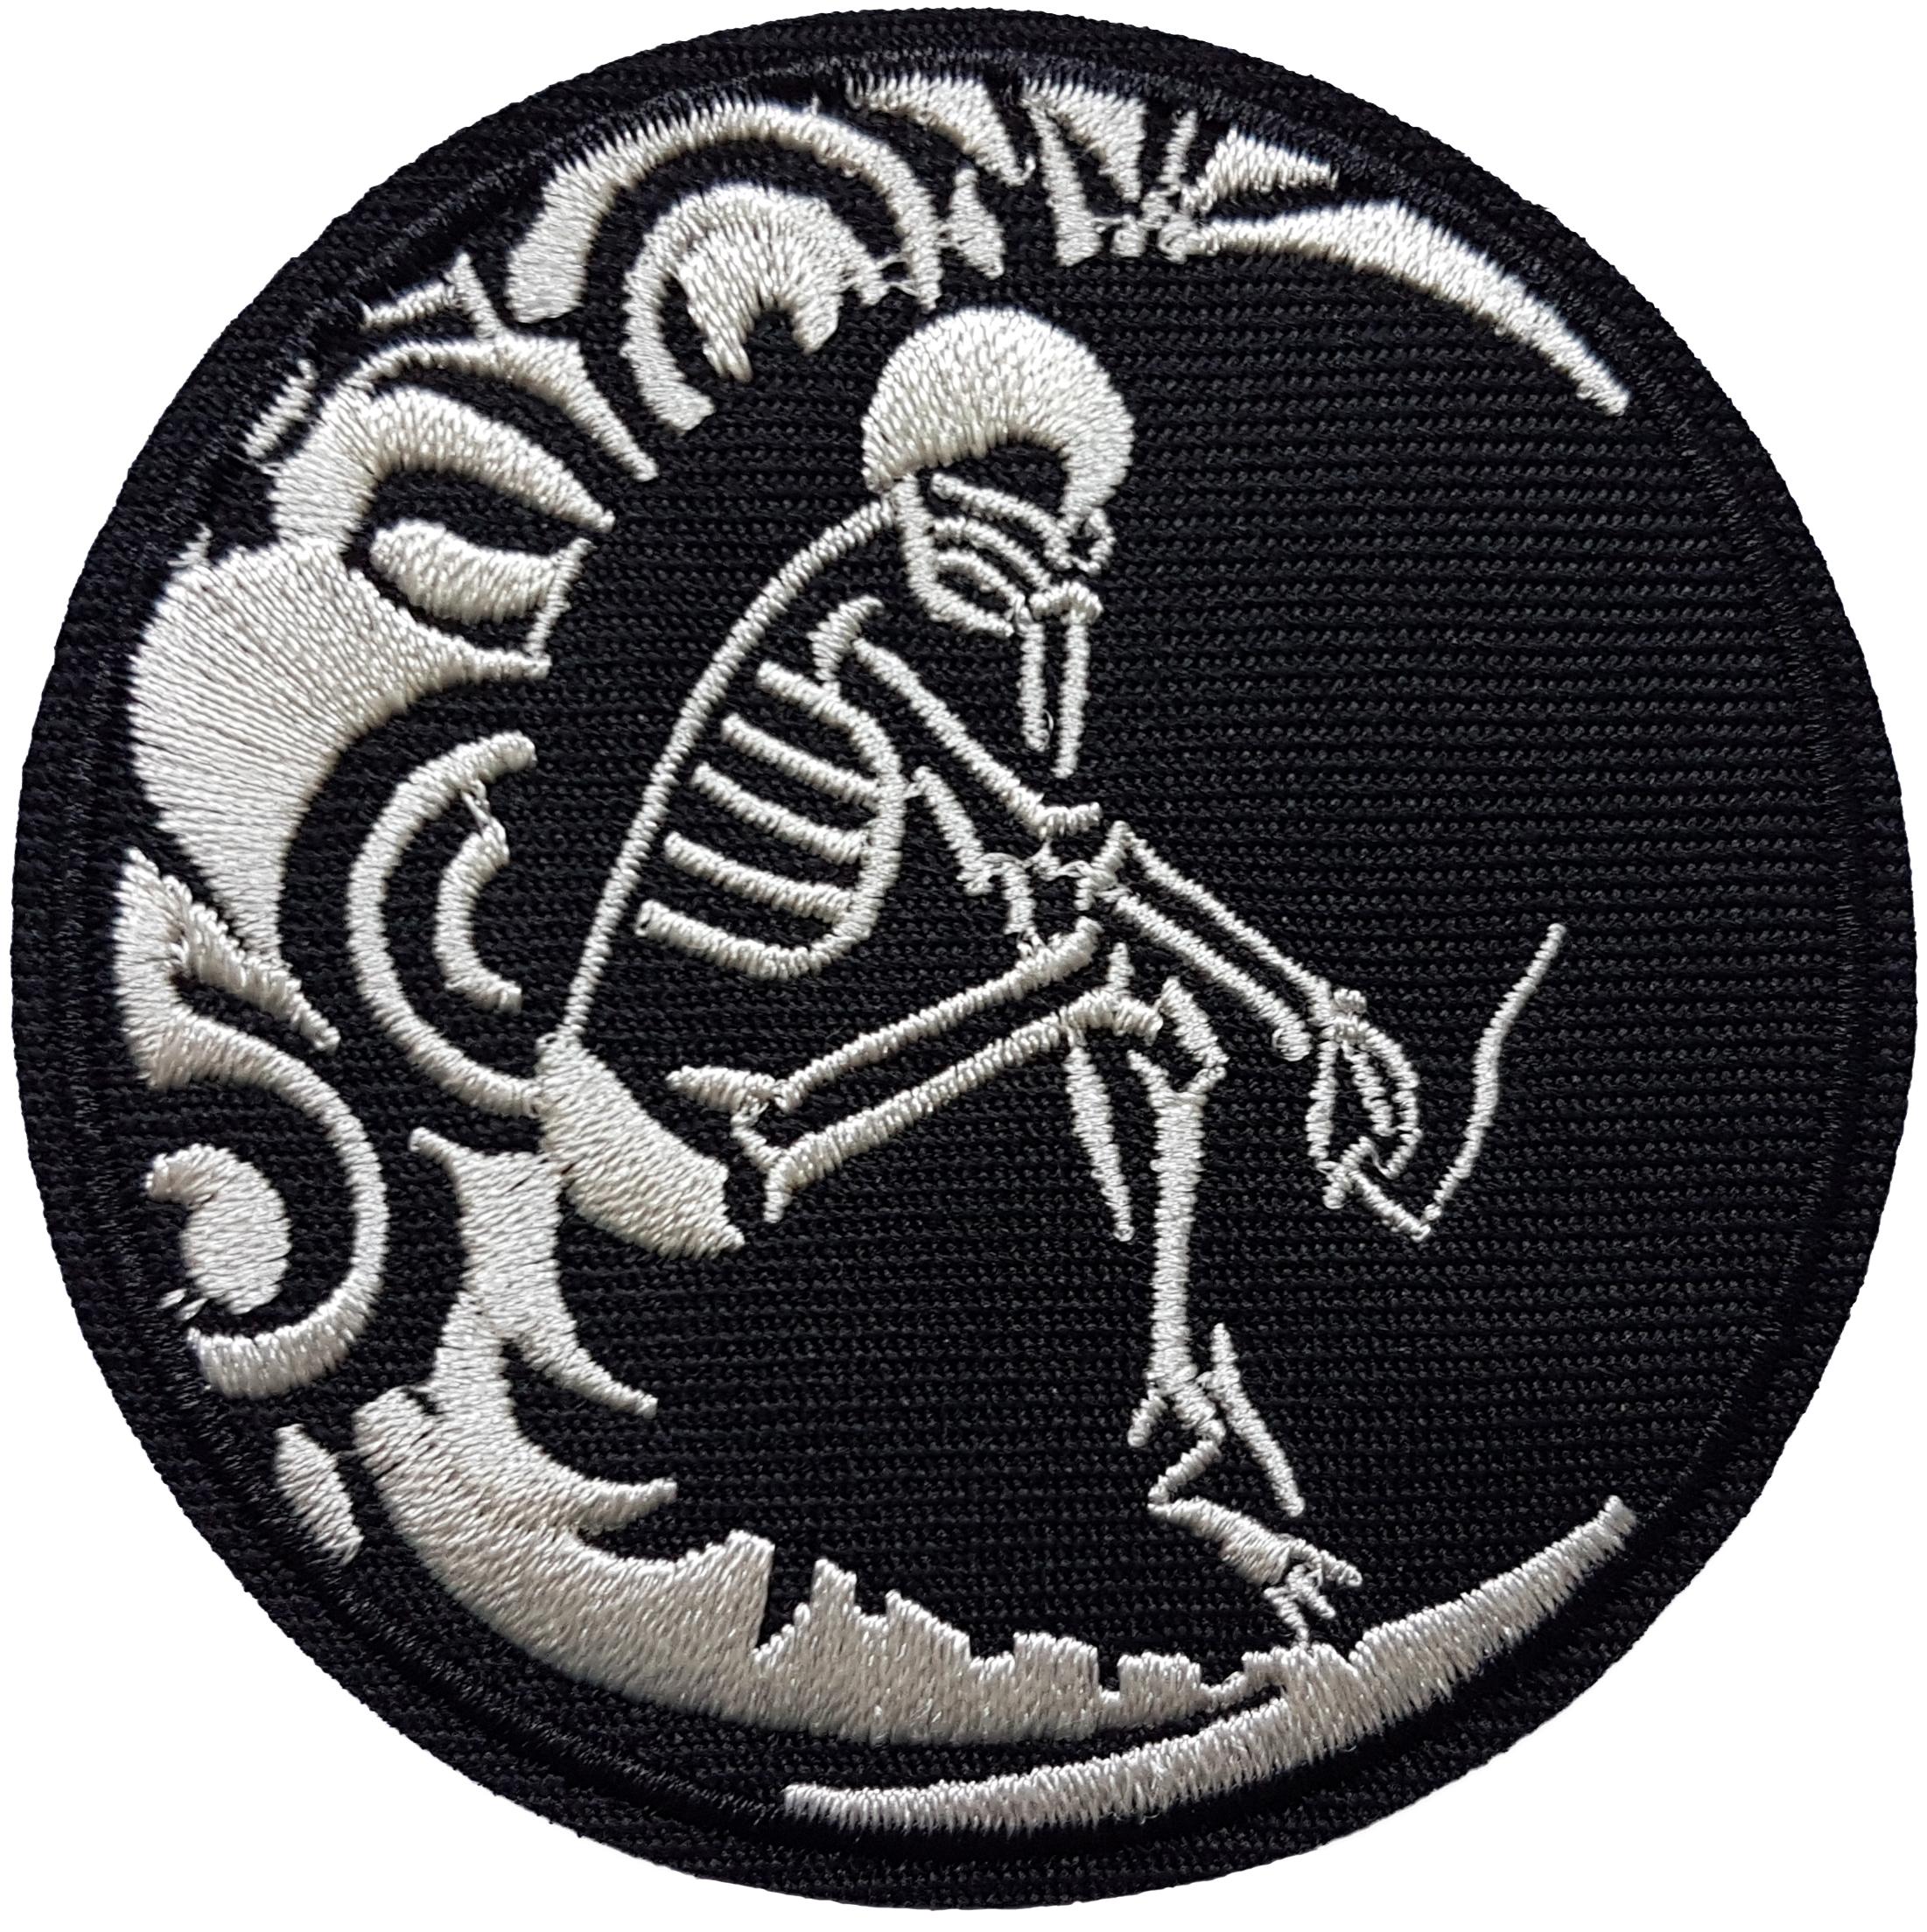 Patch squelette cigarette lune